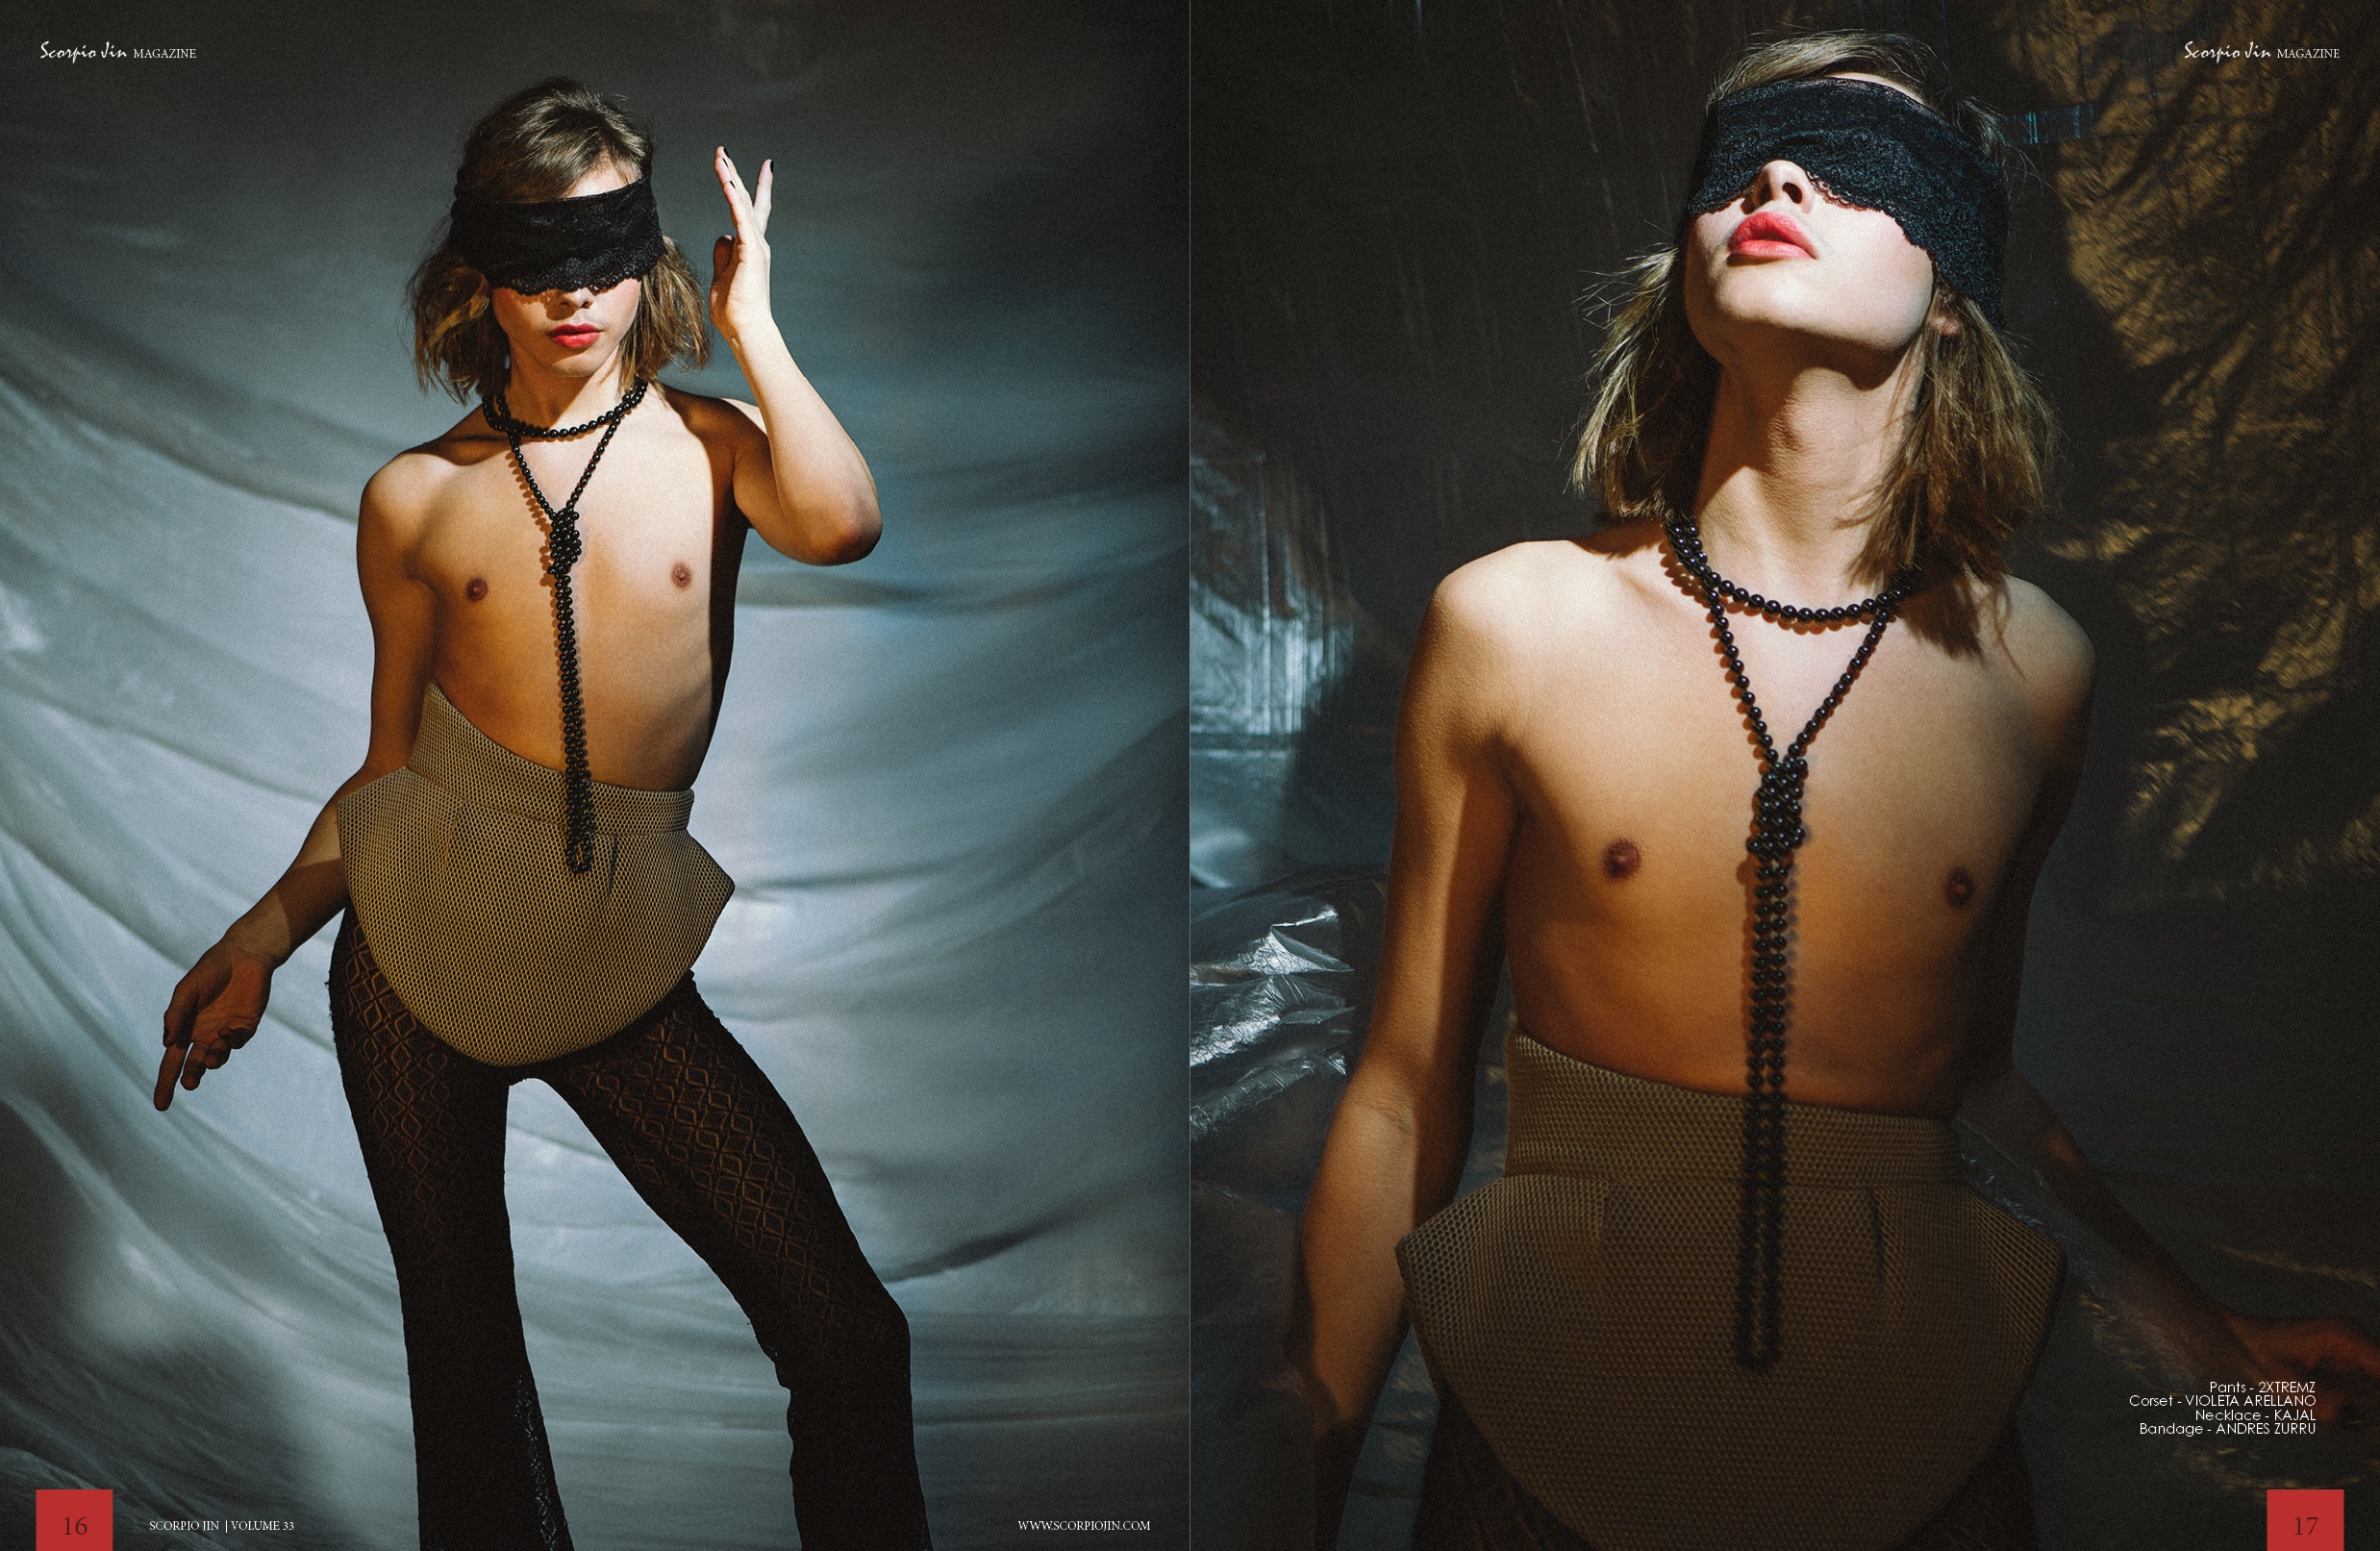 Scorpio Jin Magazine Volume 33_1_LIQUID